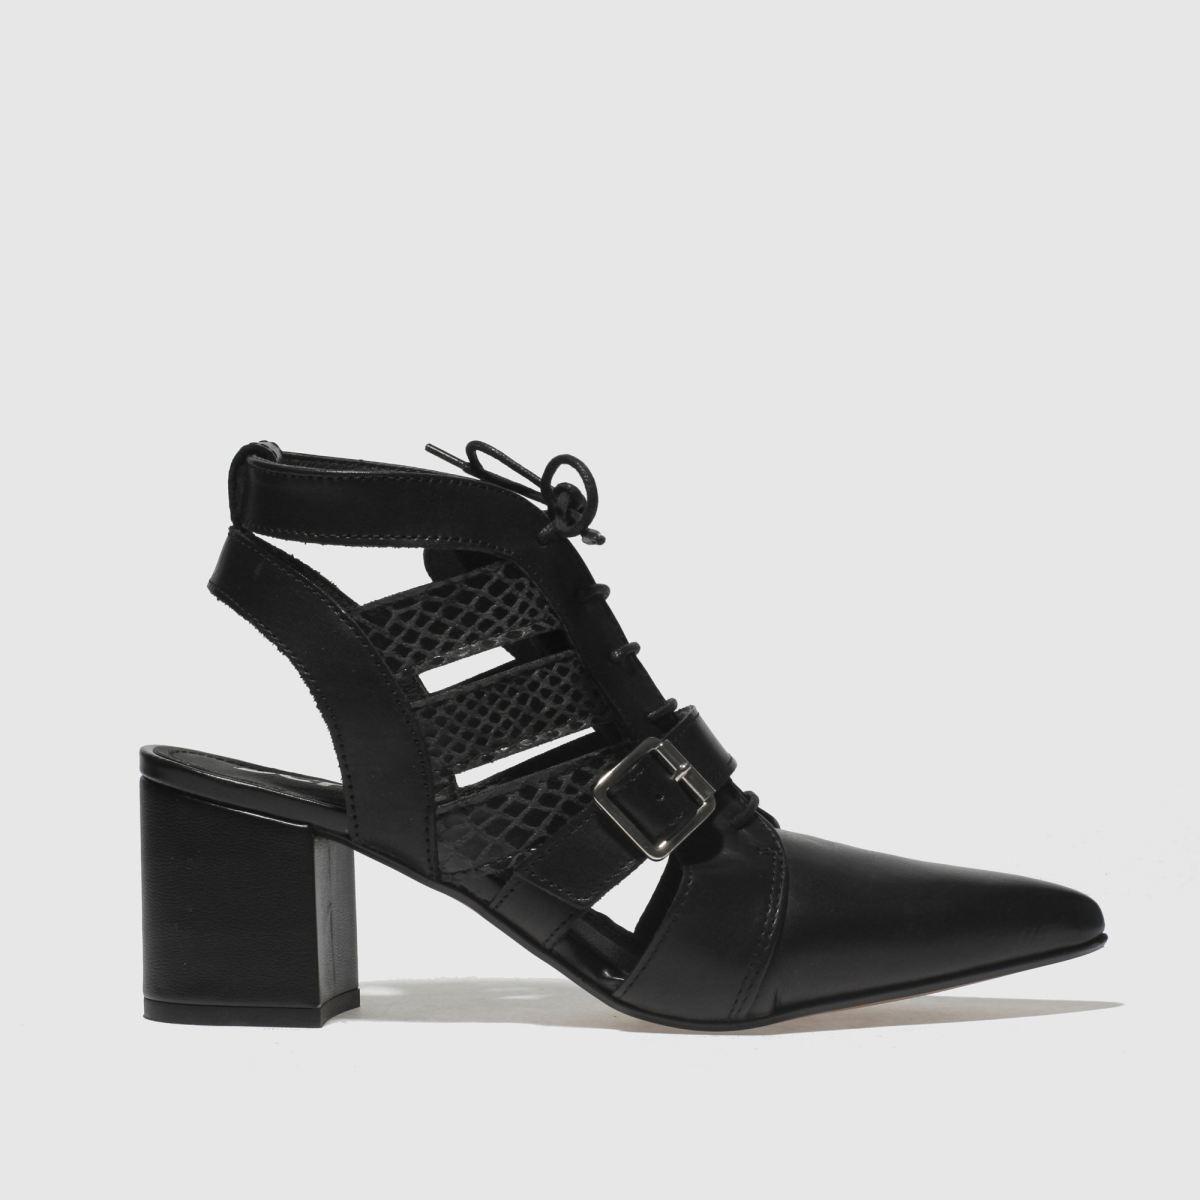 schuh Schuh Black Driven Low Heels